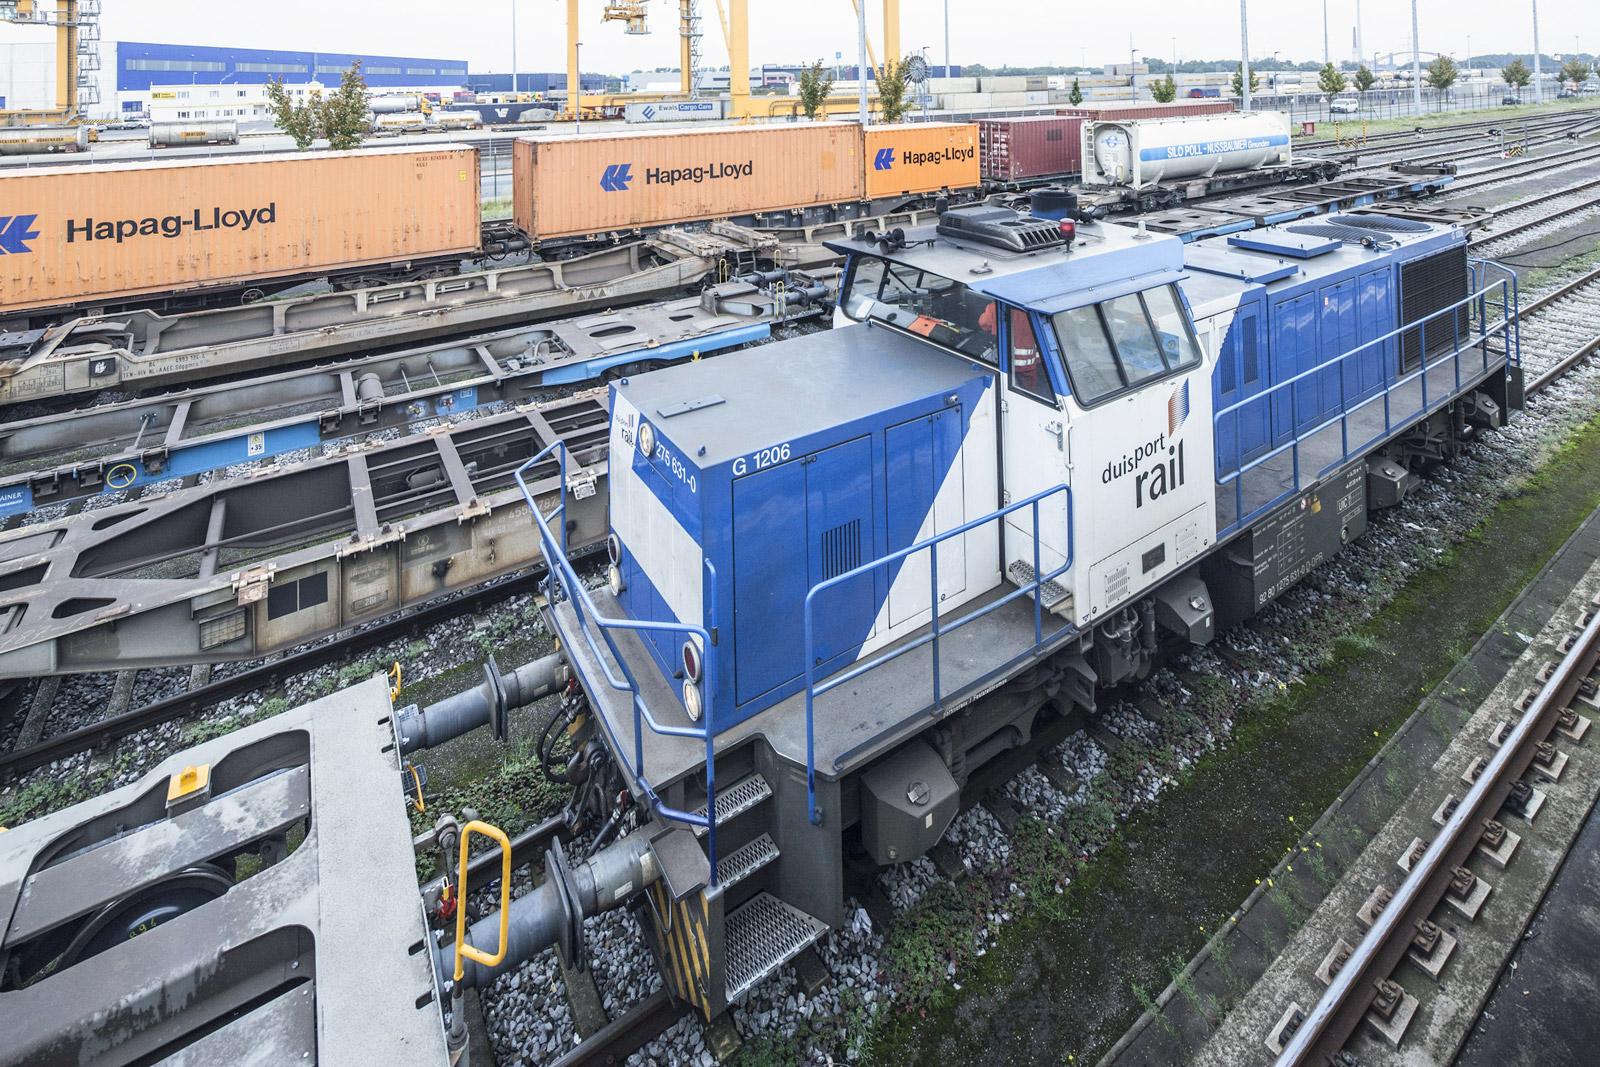 duisport rail Zug 3 G 1206